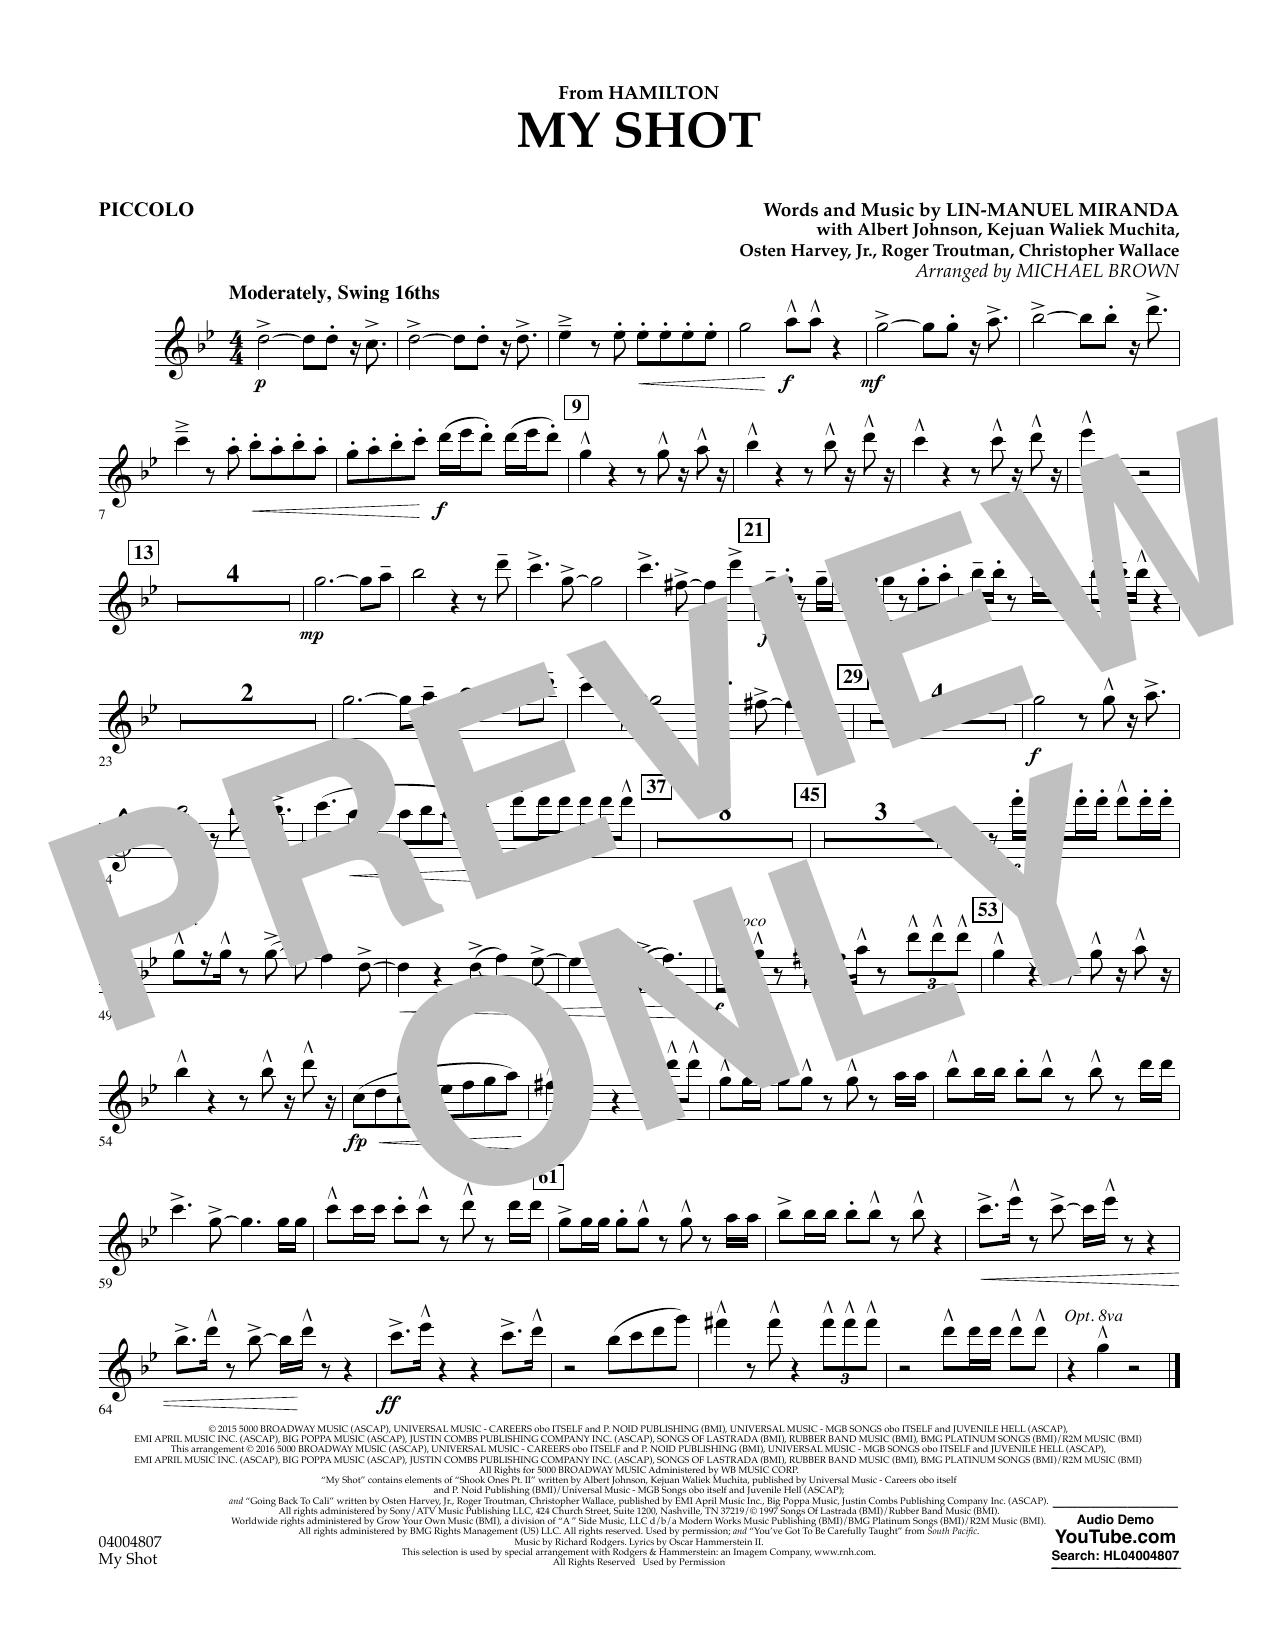 Albert Johnson - My Shot (from Hamilton) - Piccolo